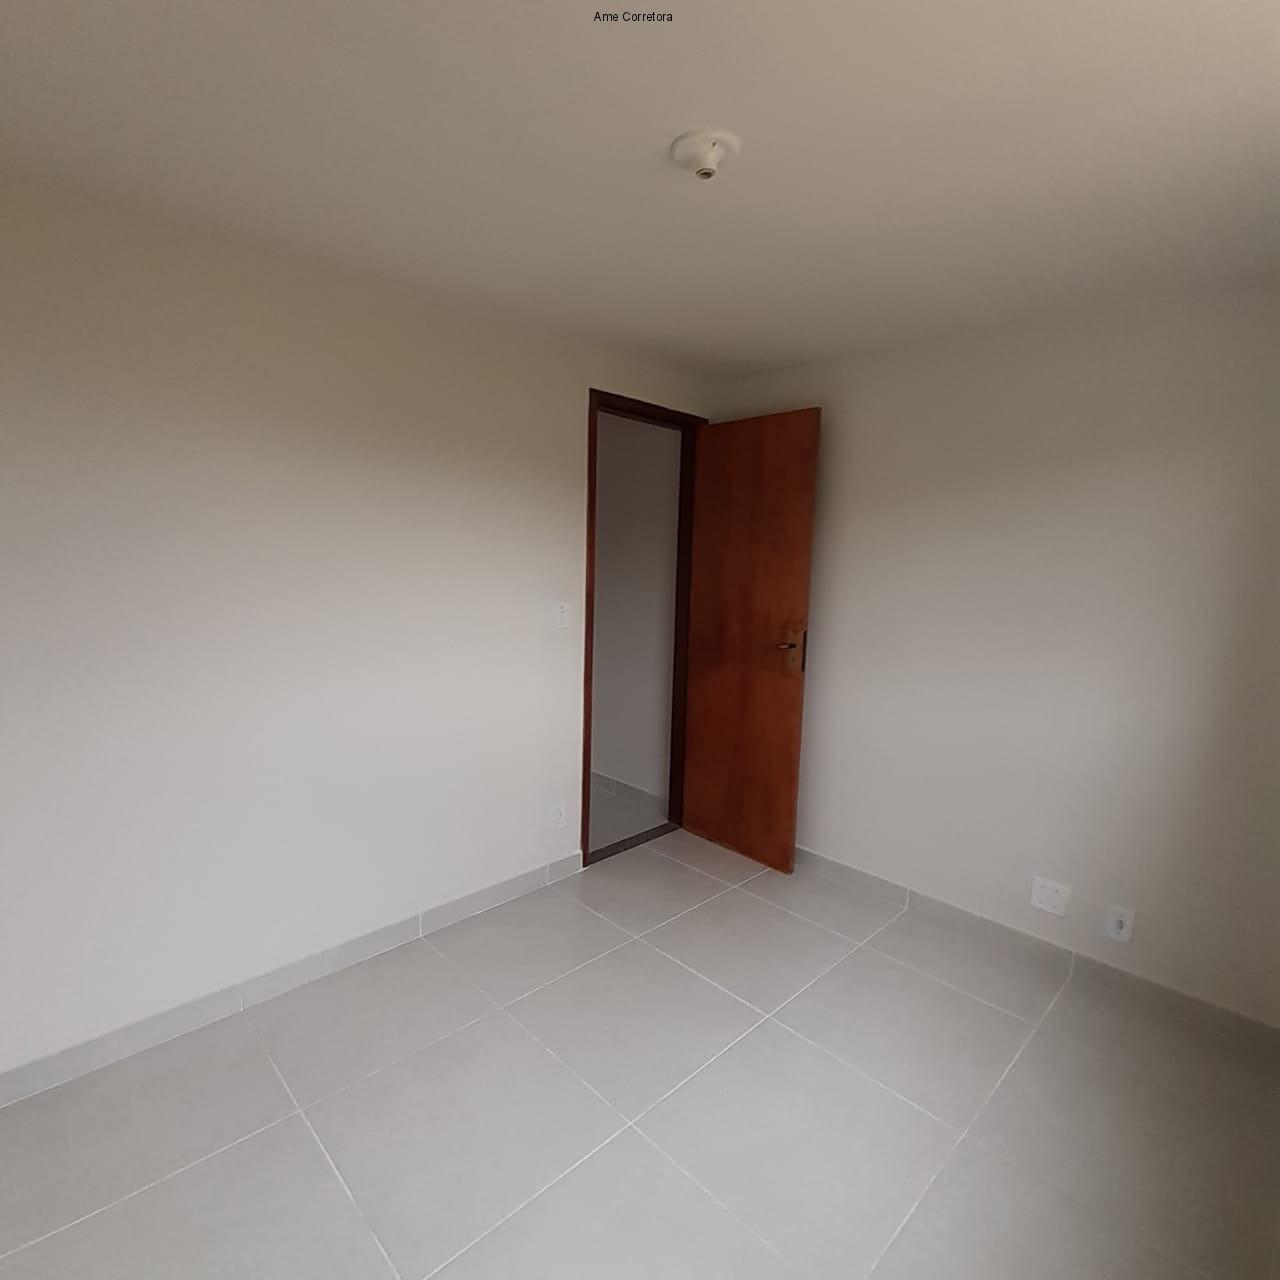 FOTO 17 - Casa 2 quartos à venda Rio de Janeiro,RJ - R$ 190.000 - CA00612 - 16